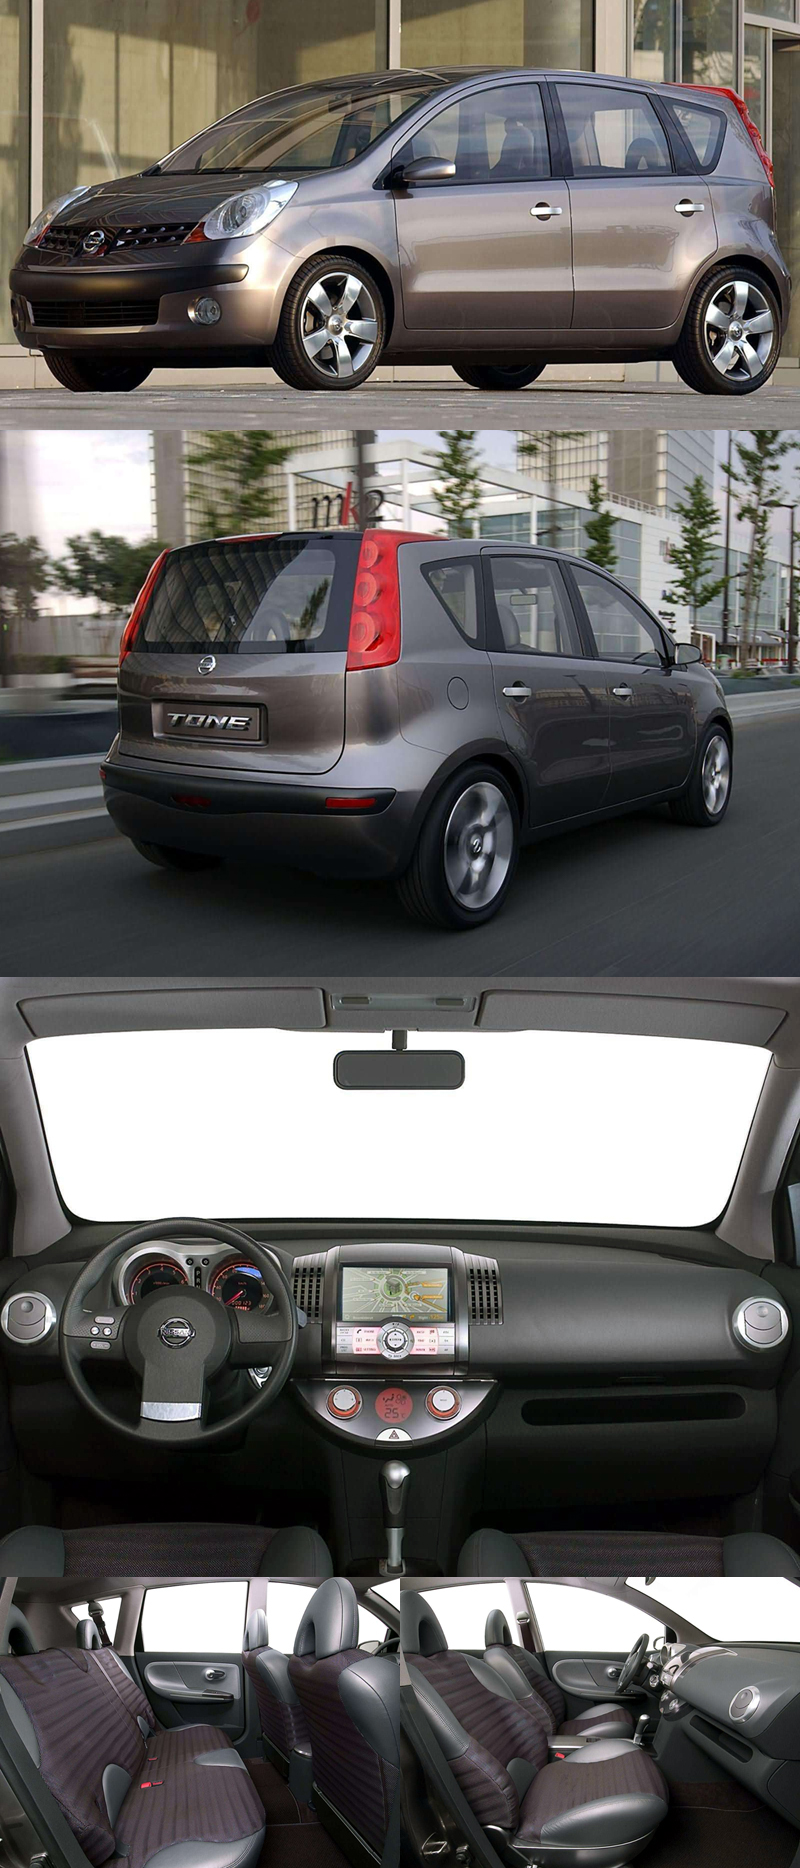 2004_03_Nissan_Tone_Concept_EDIT2